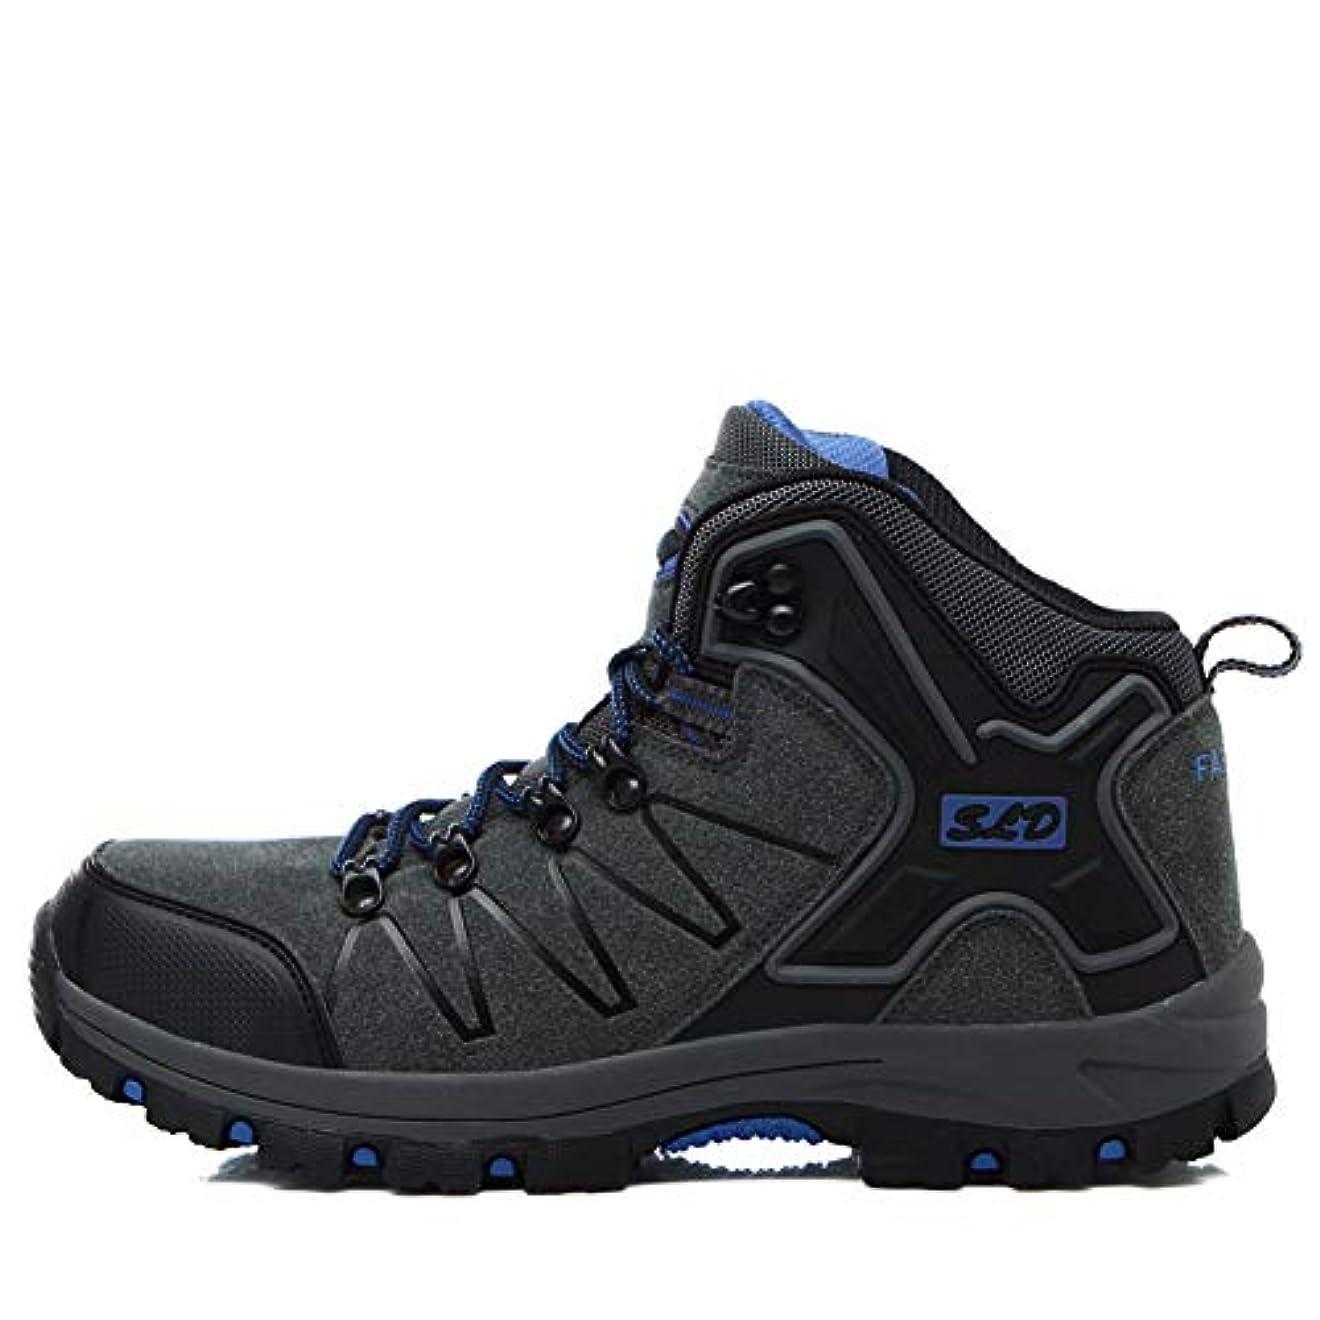 たとえ失望公平な[TcIFE] トレッキングシューズ メンズ 防水 防滑 ハイカット 登山靴 大きいサイズ ハイキングシューズ メンズ 耐磨耗 ハイキングシューズ メンズ 通気性 スニーカー